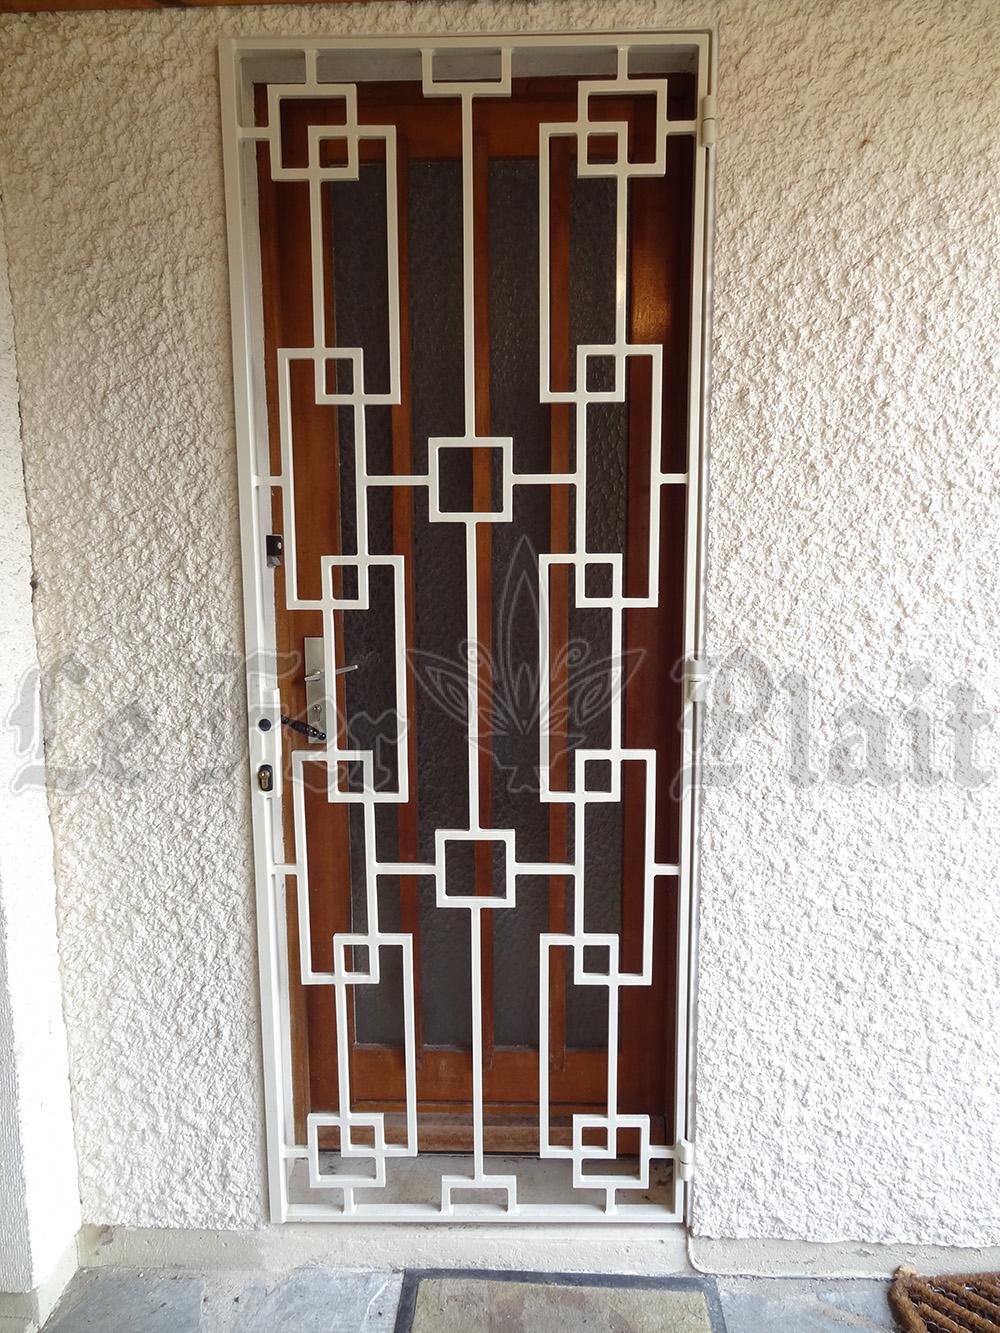 Le Fer Plait ferronnier à eaubonne dans la val D'oise 95 grille de défense pour porte d'entrée sur mesure pour la protection d'une porte d'entrée.